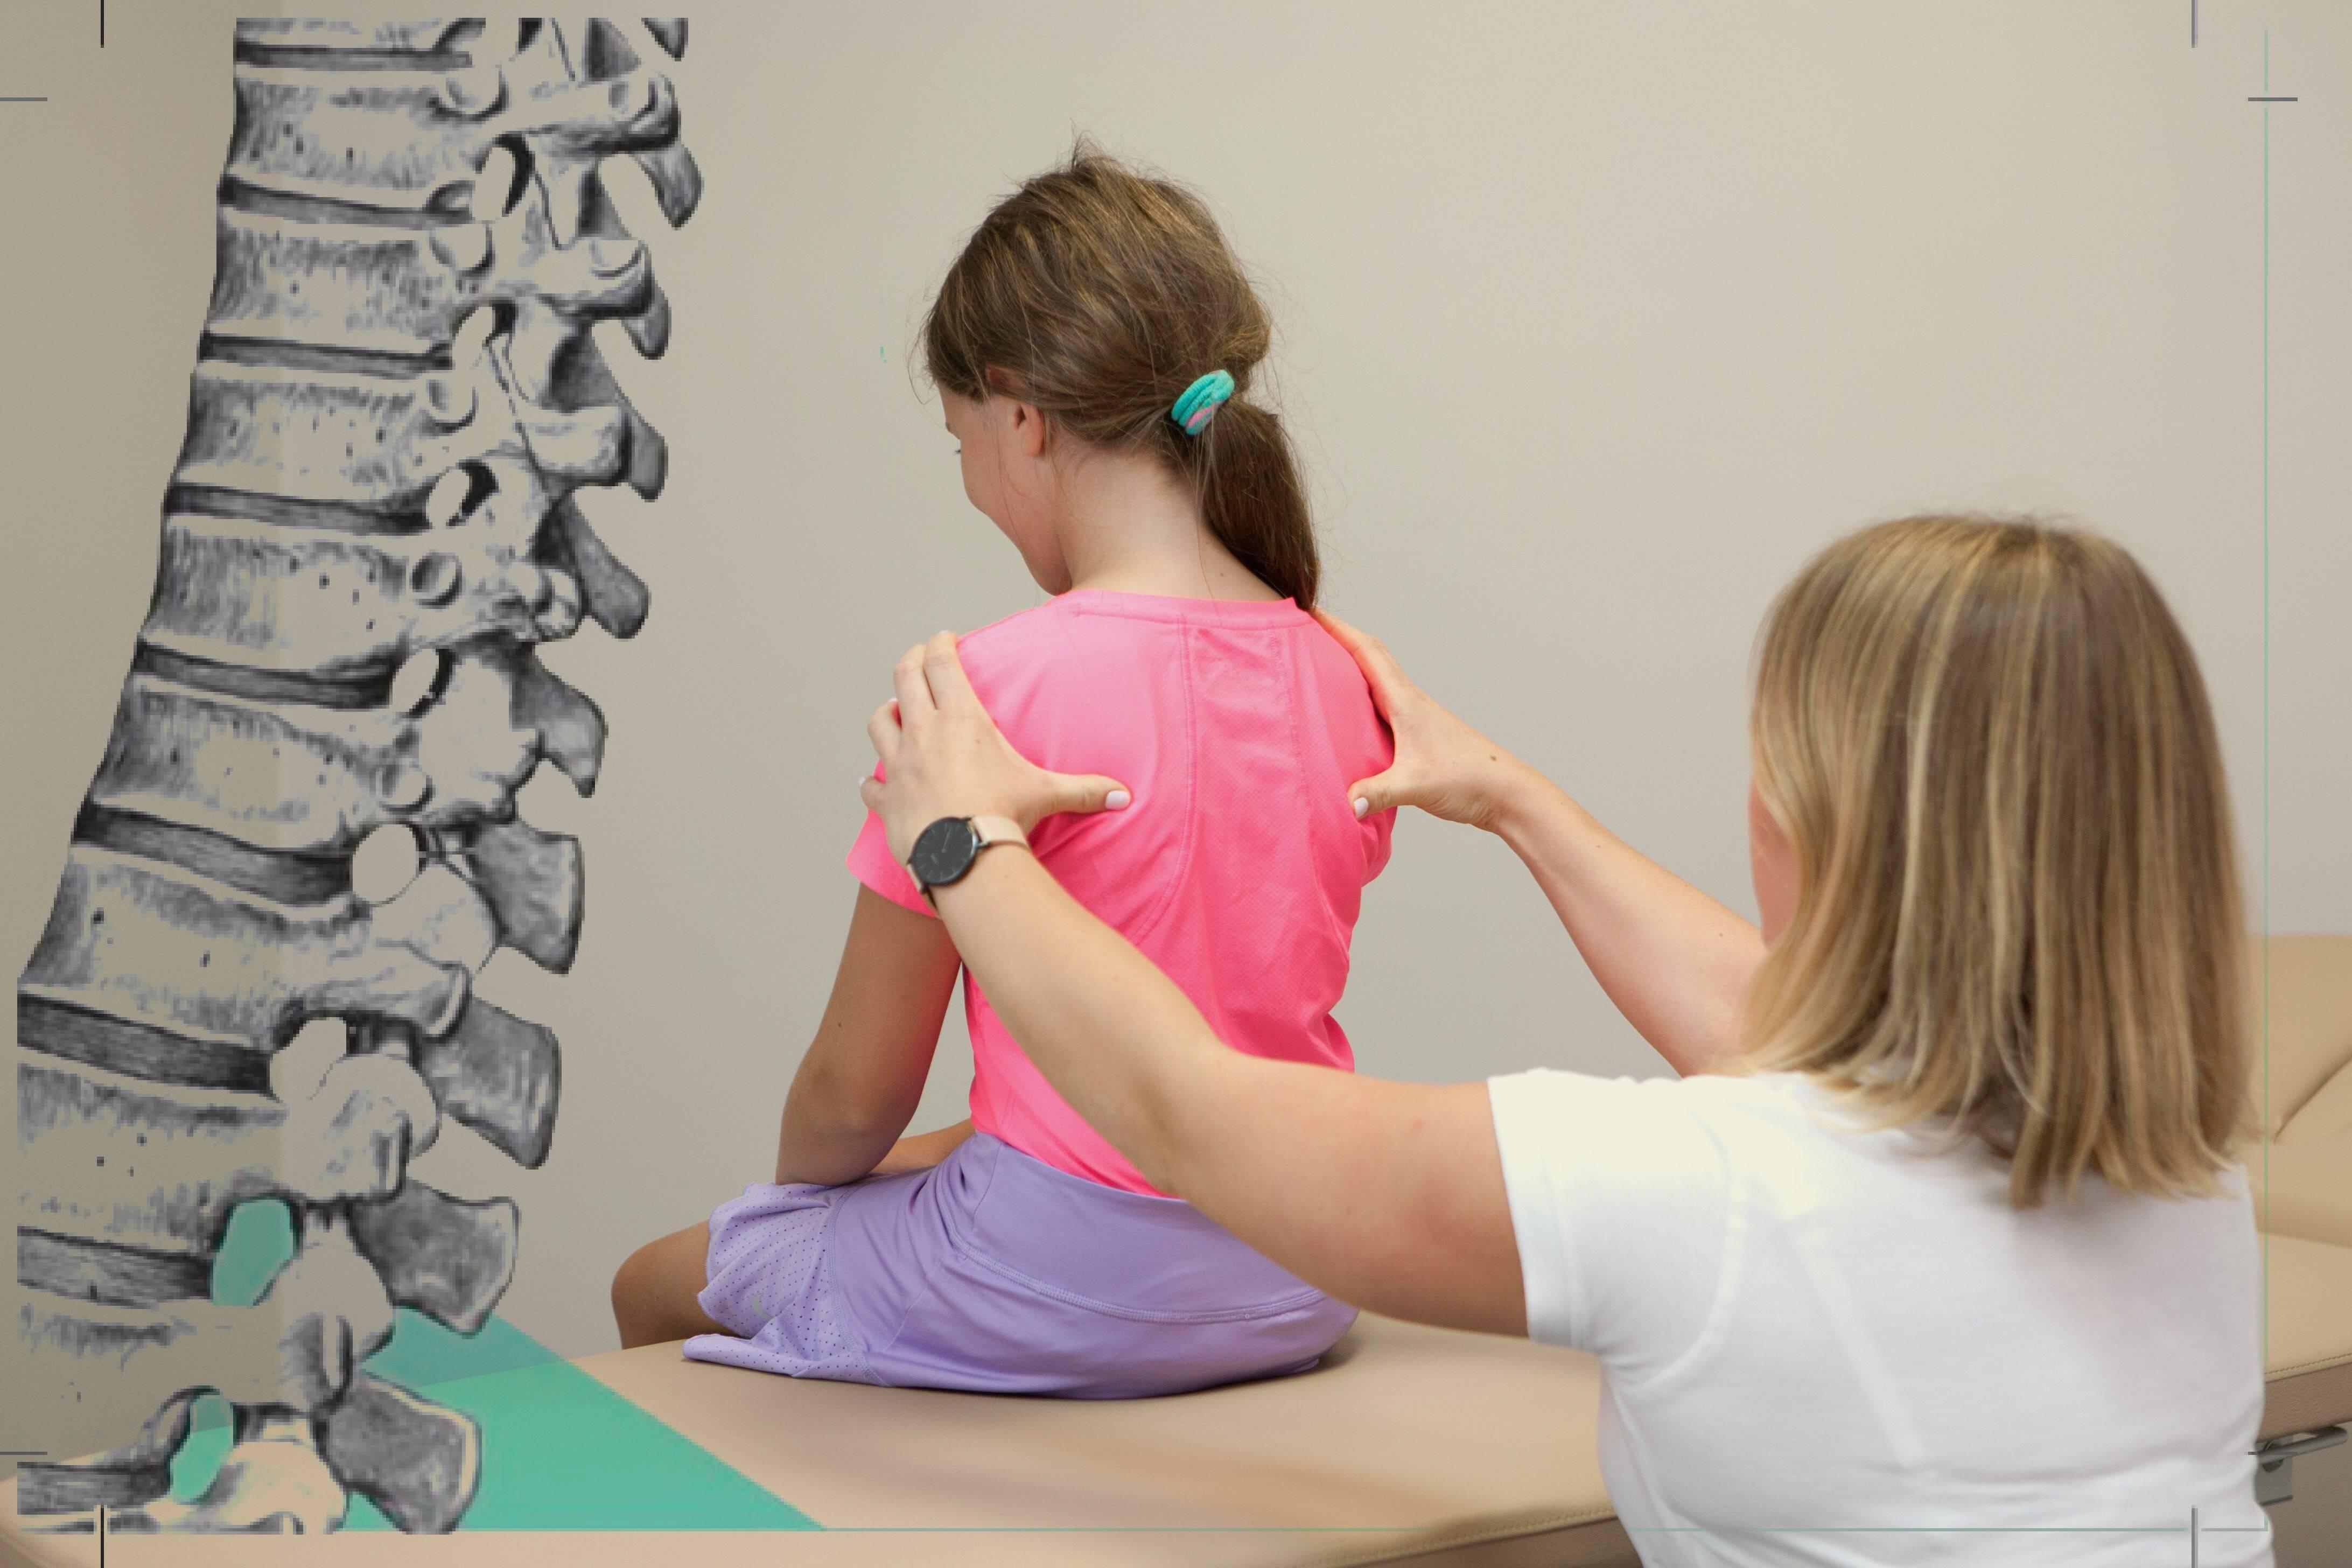 Лечение сколиоза разной степени у взрослых и детей: диагностика, методы лечения и профилактика